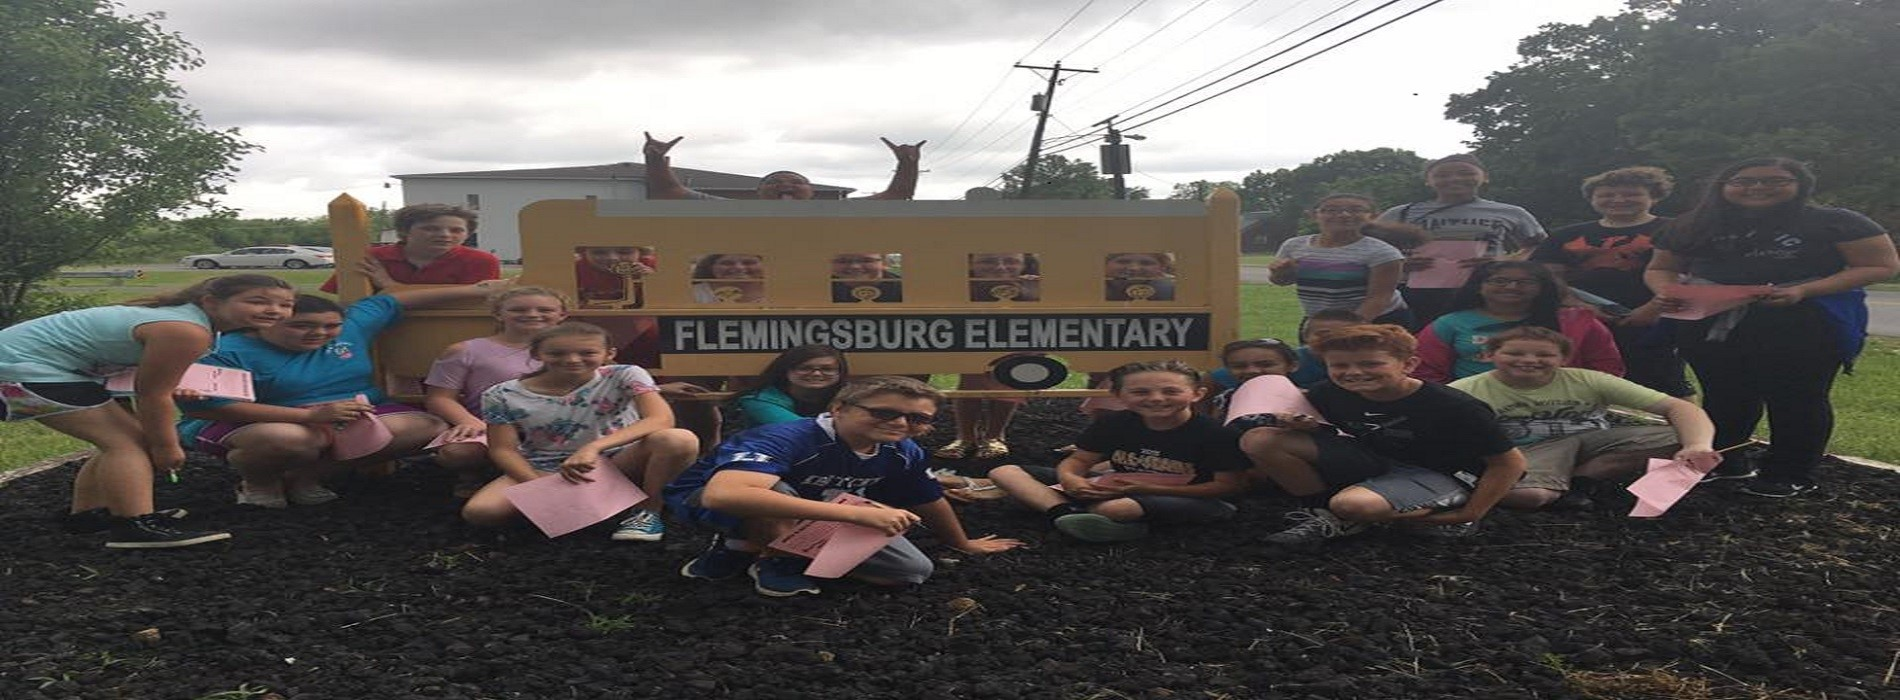 Home Flemingsburg Elementary